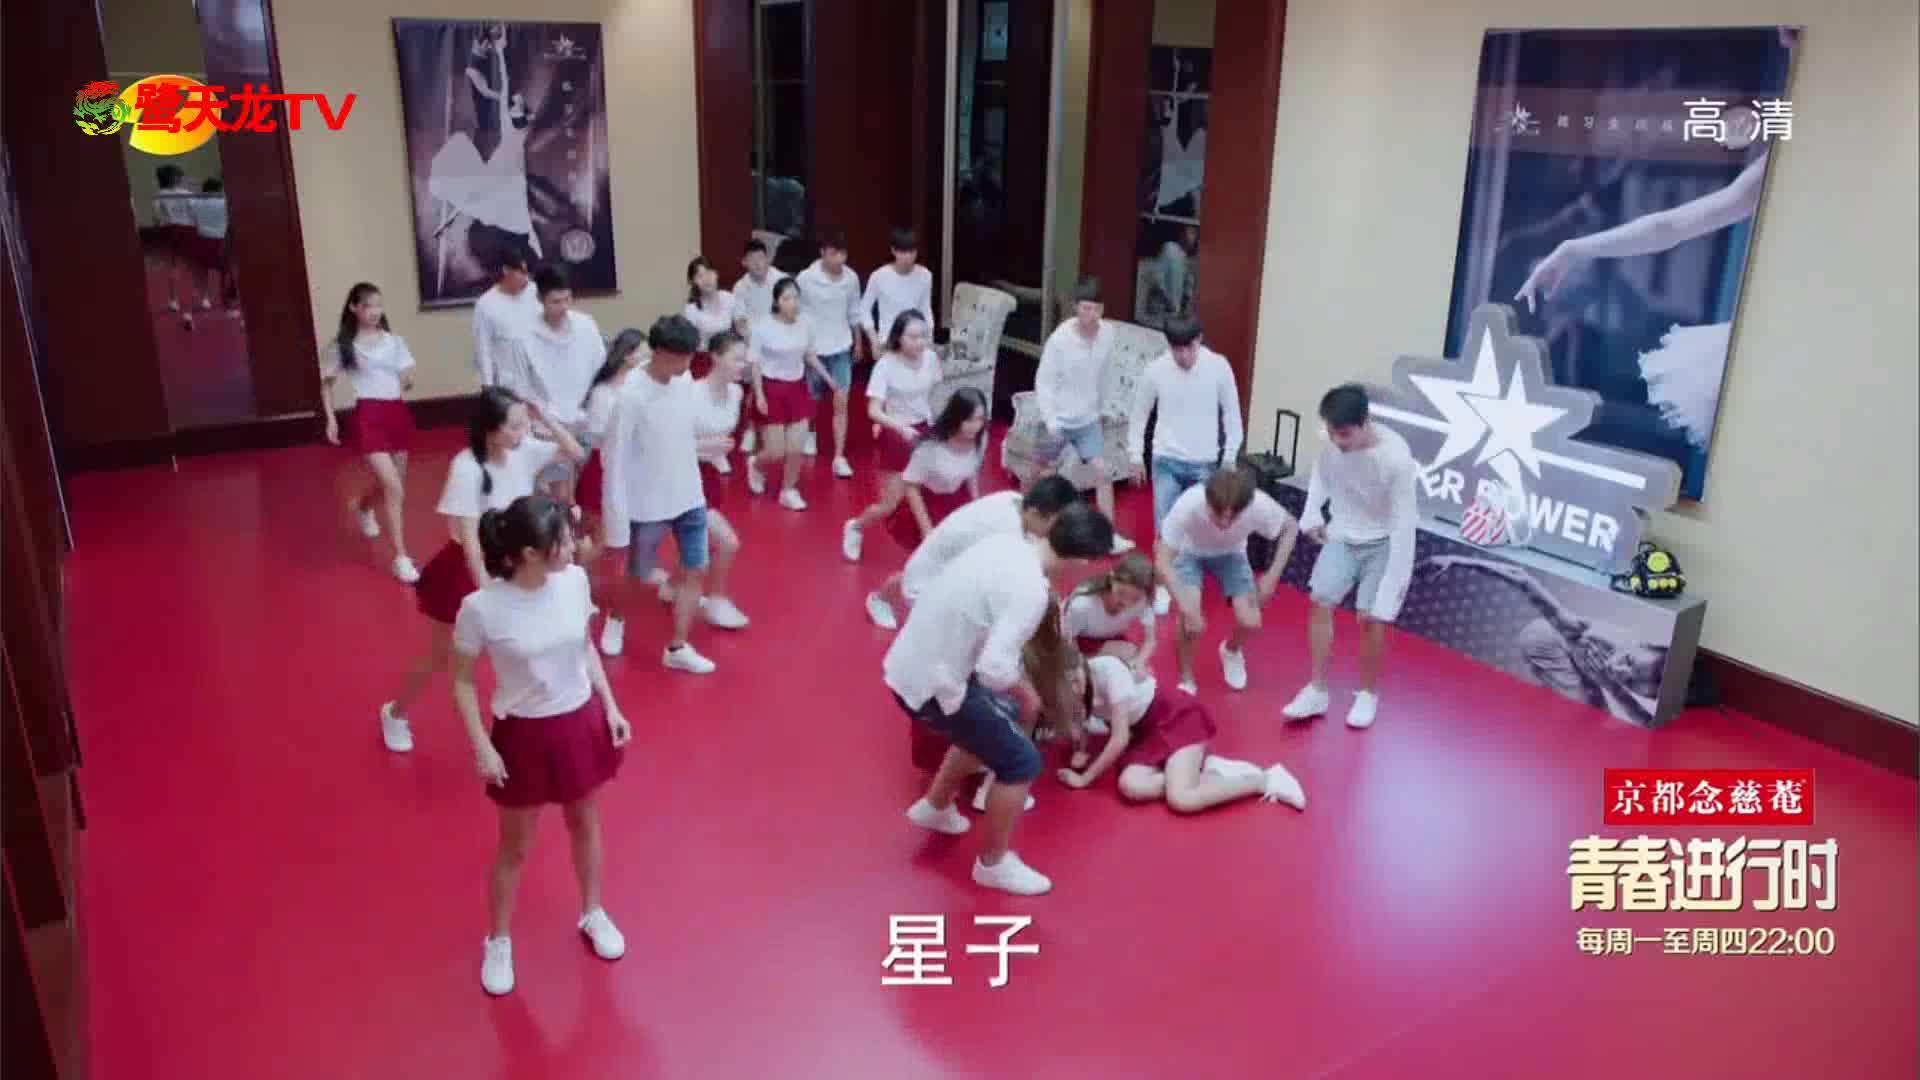 韩星子训练摔倒 李俊泰全程公主抱送往医院